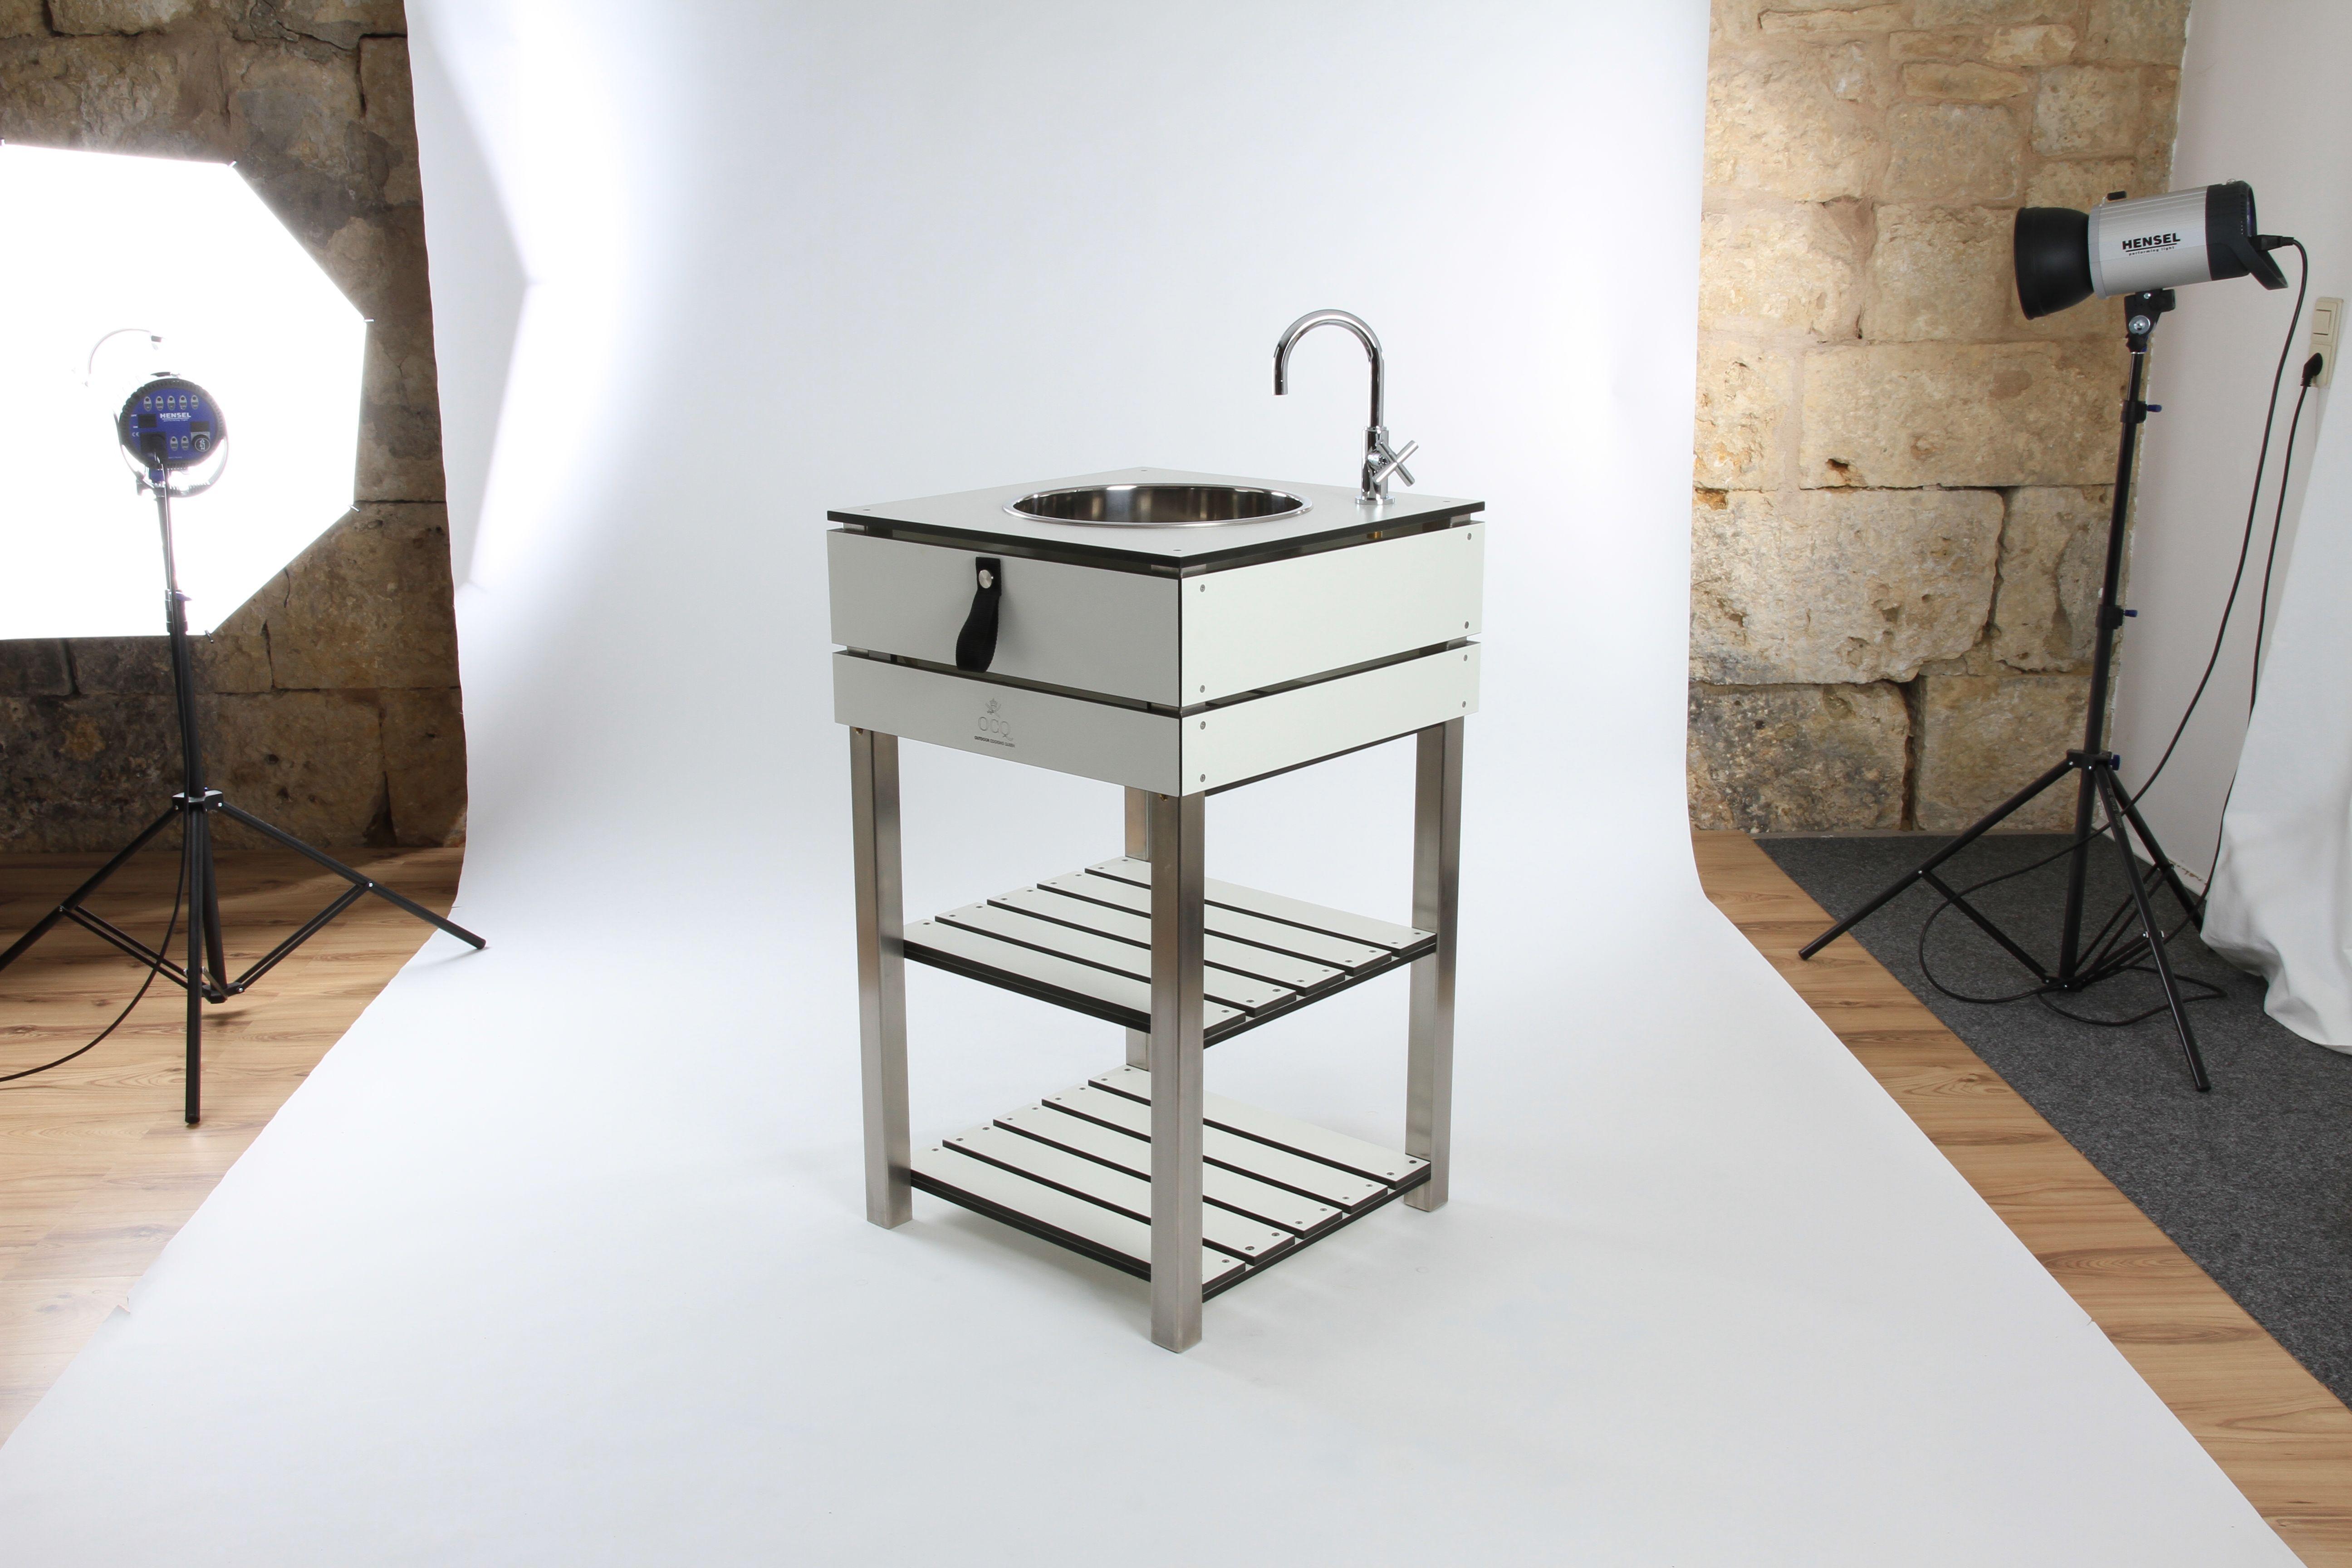 Outdoorküche Napoleon Dilindungi : Ocq outdoor küchen outdoorküche planen tipps rund um den freiluft